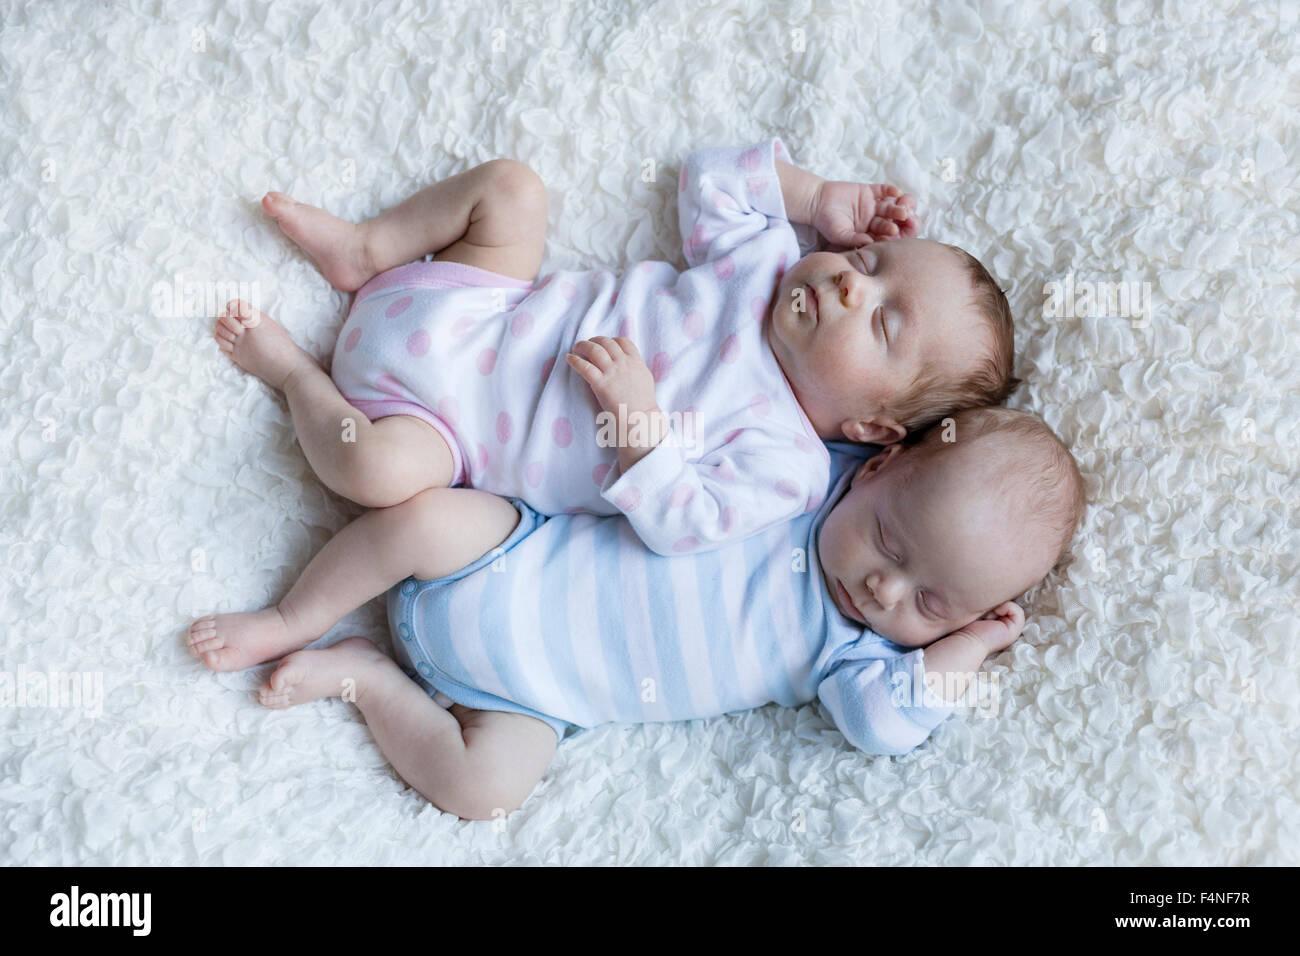 Jumeaux nouveau-nés dorment côte à côte Photo Stock